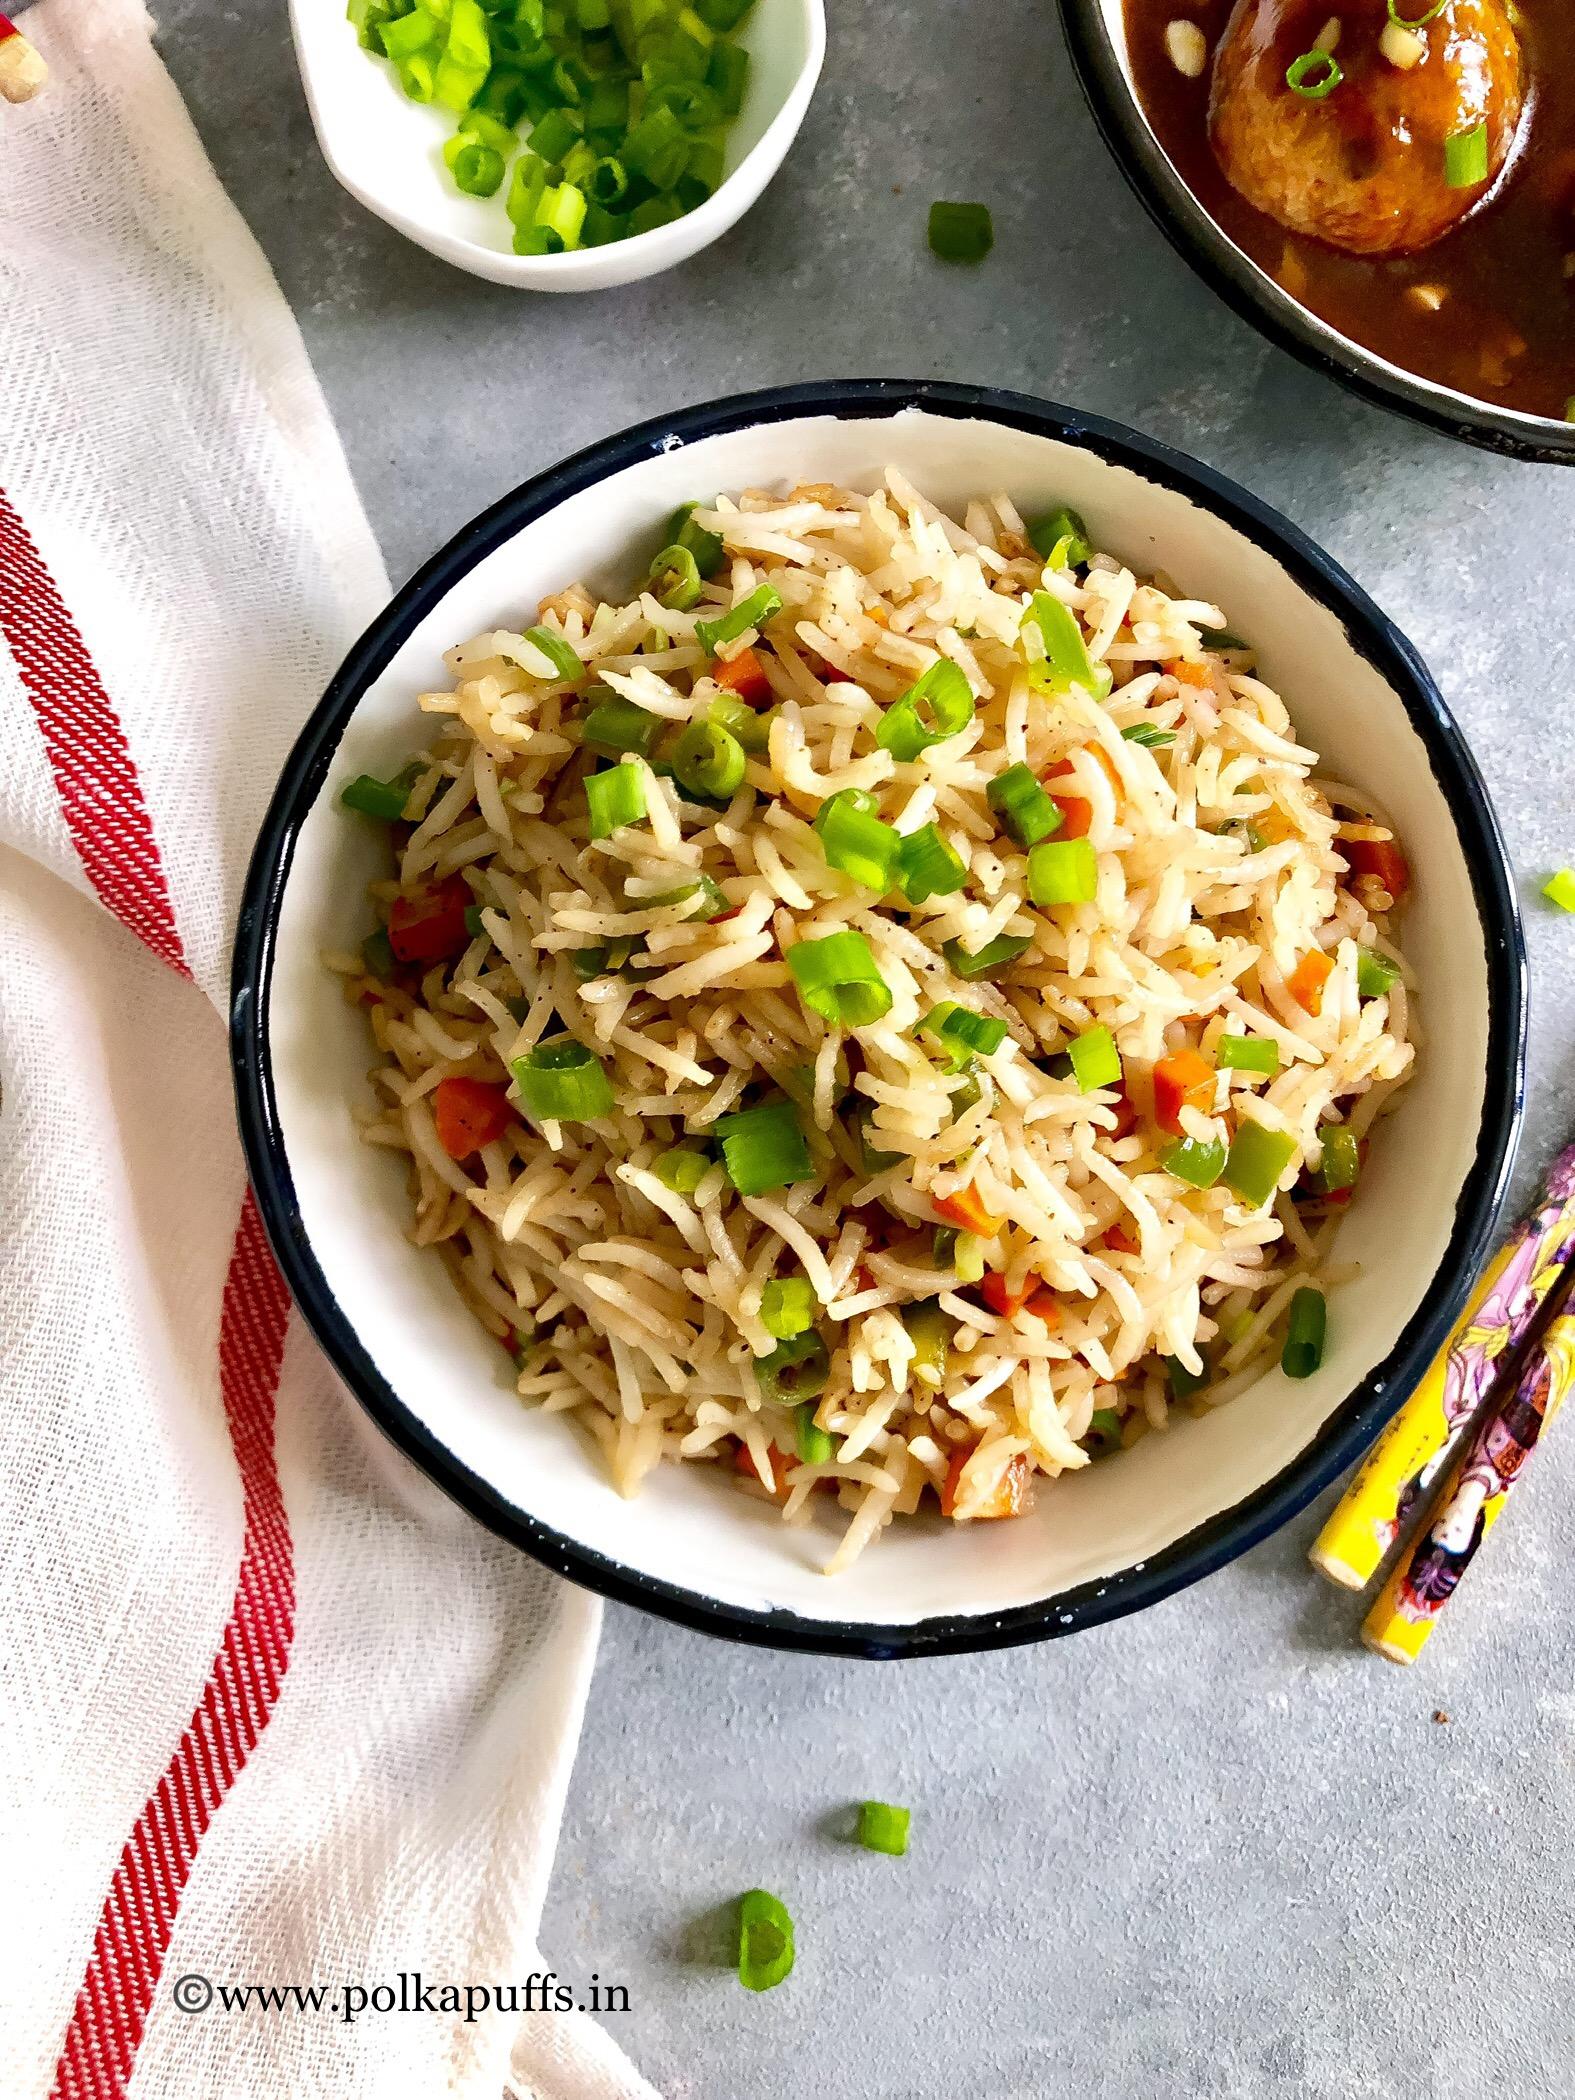 Veg manchurian fried rice final 3